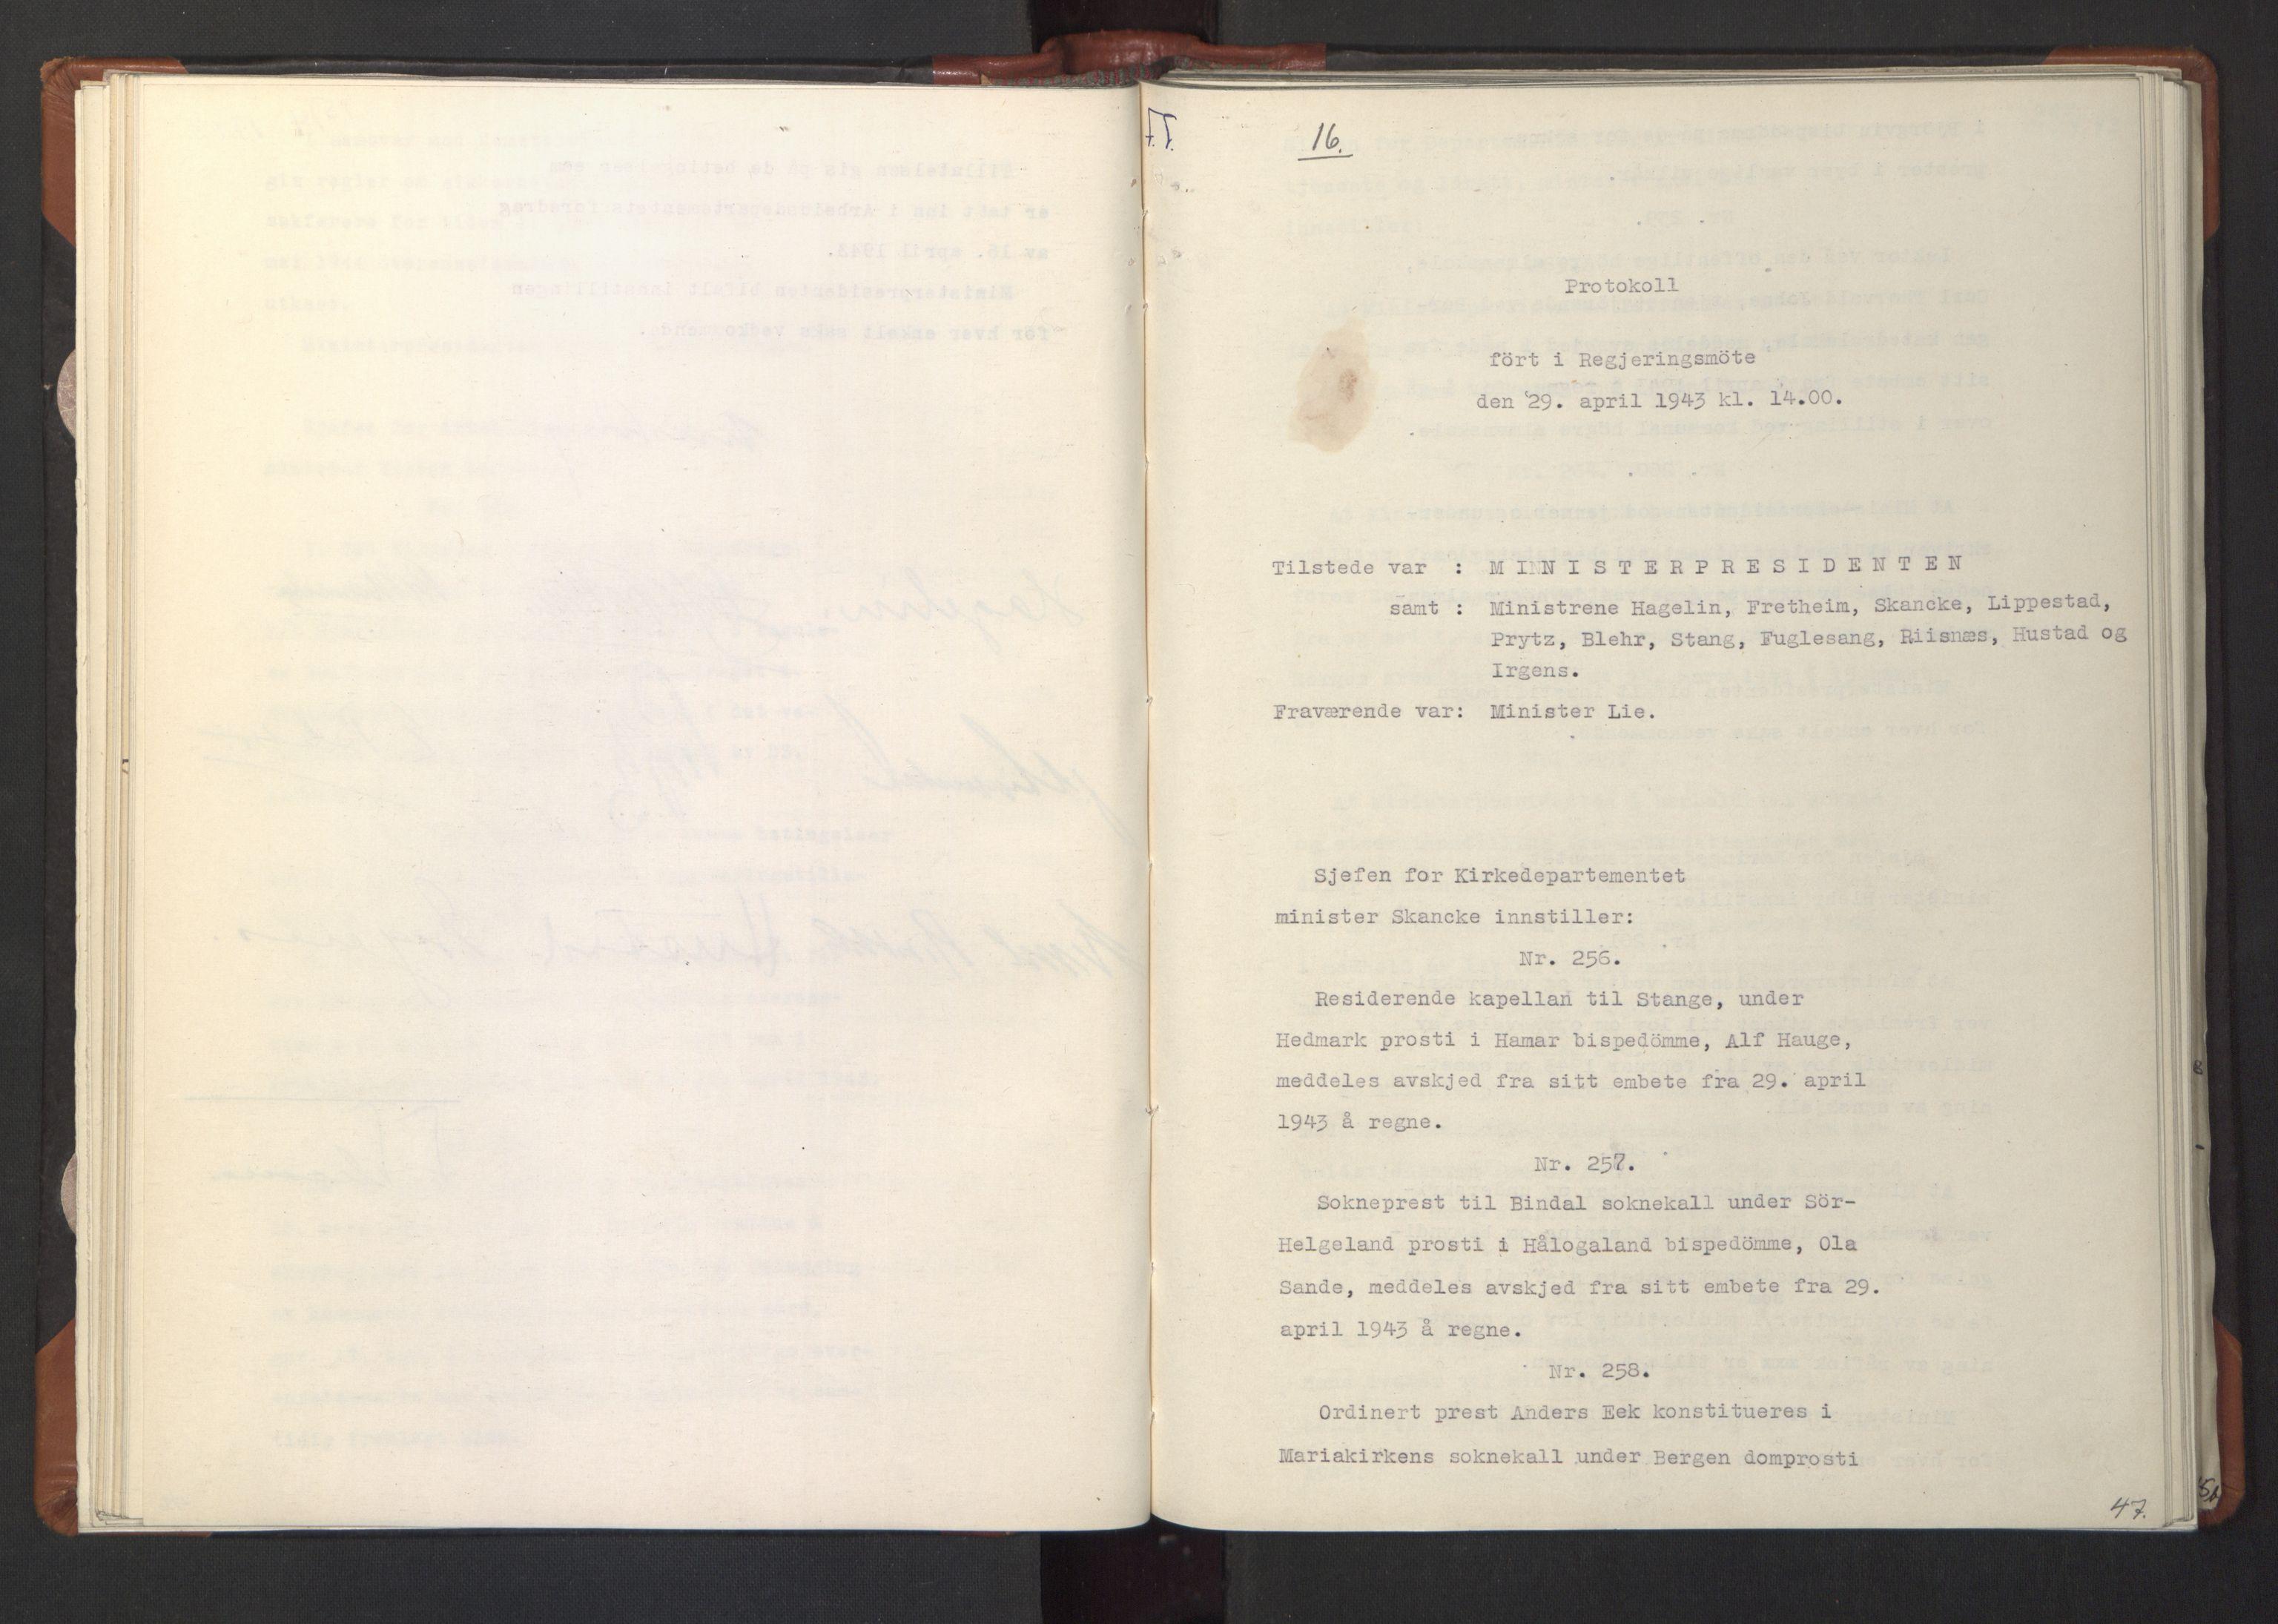 RA, NS-administrasjonen 1940-1945 (Statsrådsekretariatet, de kommisariske statsråder mm), D/Da/L0003: Vedtak (Beslutninger) nr. 1-746 og tillegg nr. 1-47 (RA. j.nr. 1394/1944, tilgangsnr. 8/1944, 1943, s. 46b-47a